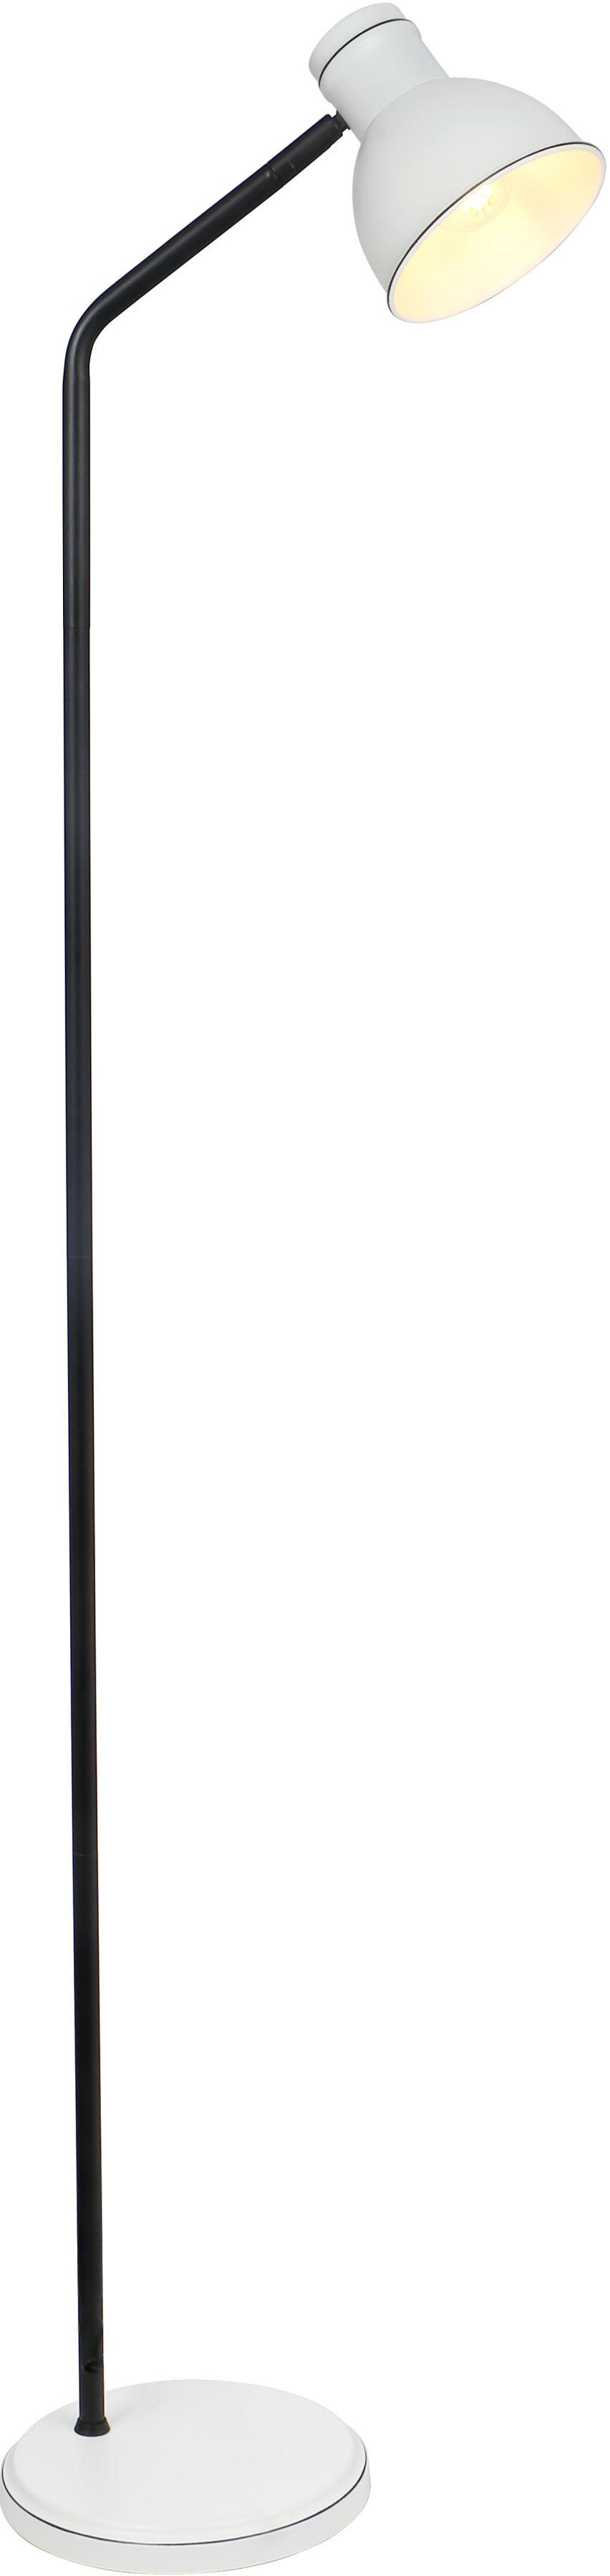 Candellux ZUMBA 51-72092 lampa podłogowa biało czarna klosz metal 1X40W E27 15 cm